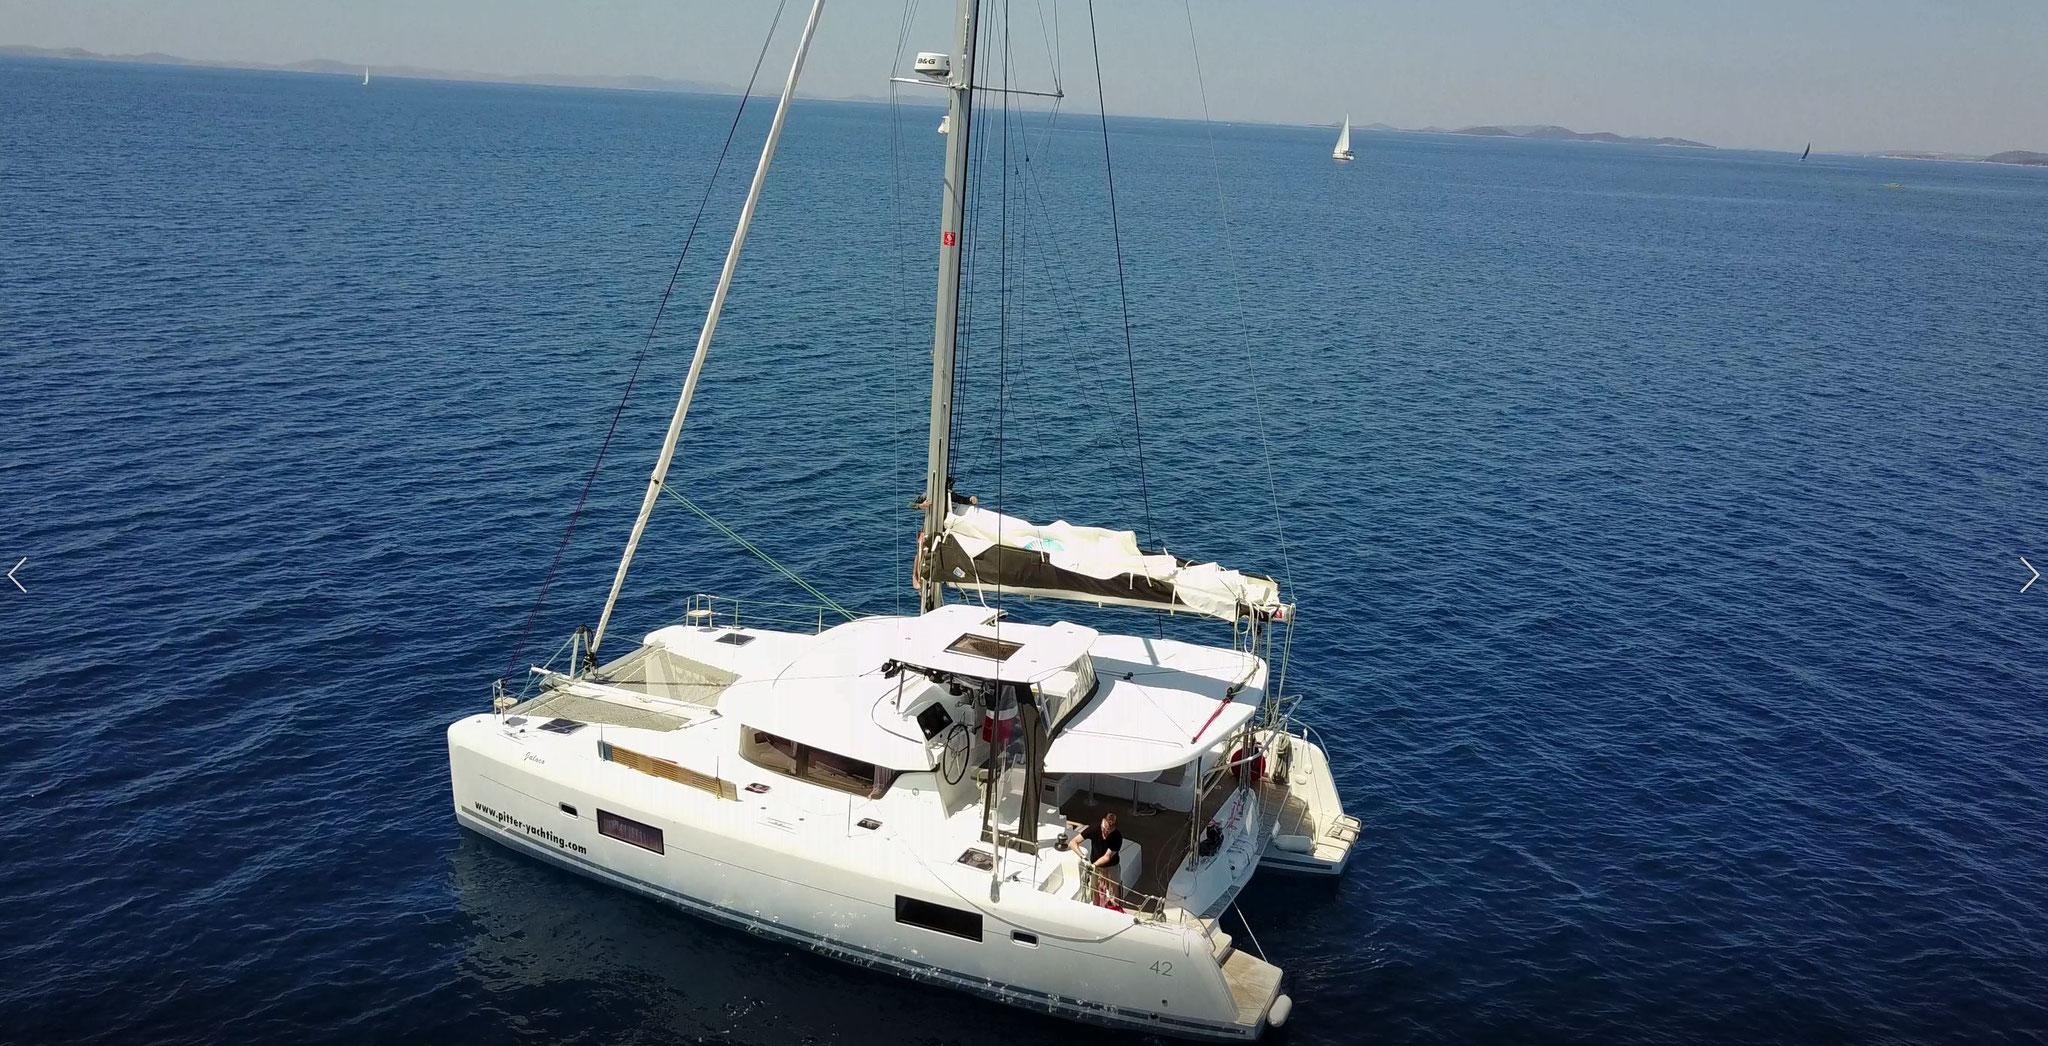 Katamaran segeln um einfach zu genießen - www.katamaramtraum.com